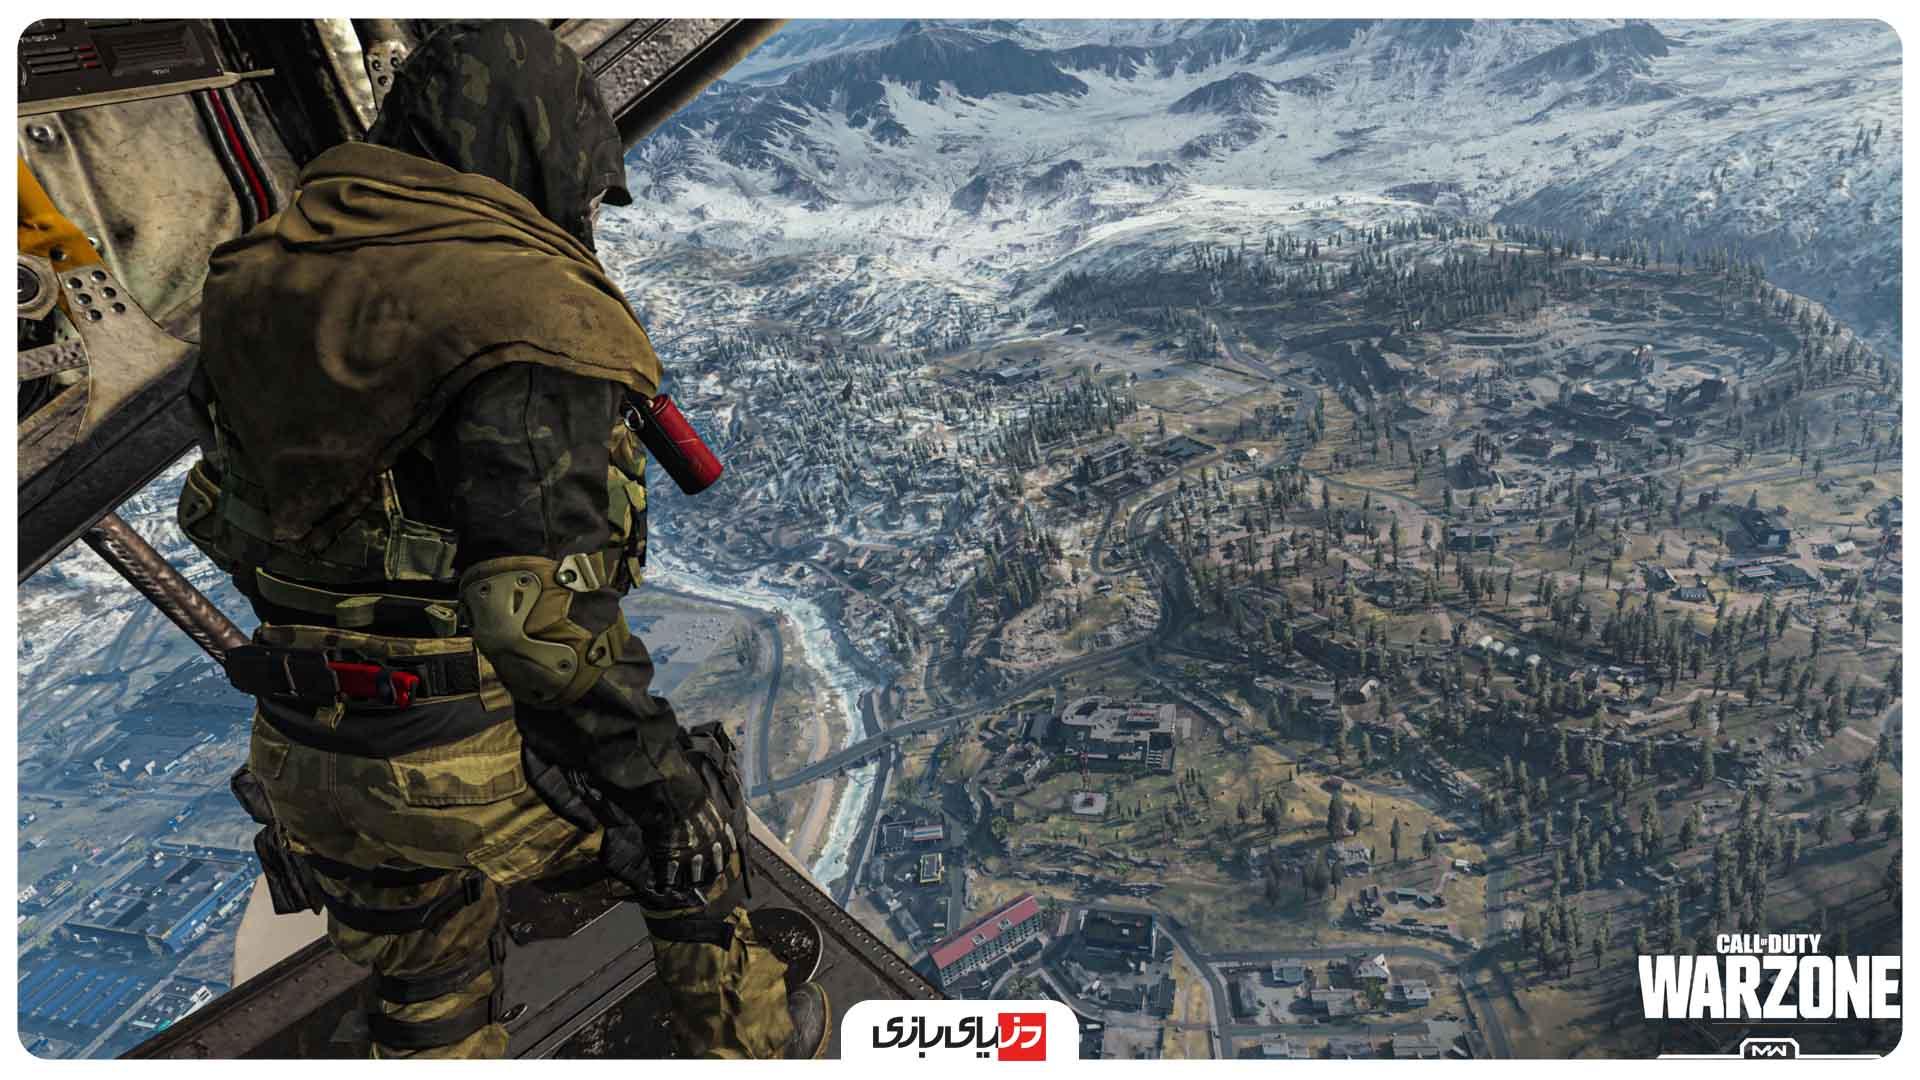 نکات Call of Duty Warzone - تنظیمات گرافیکی وارزون برای سیستمهای قوی